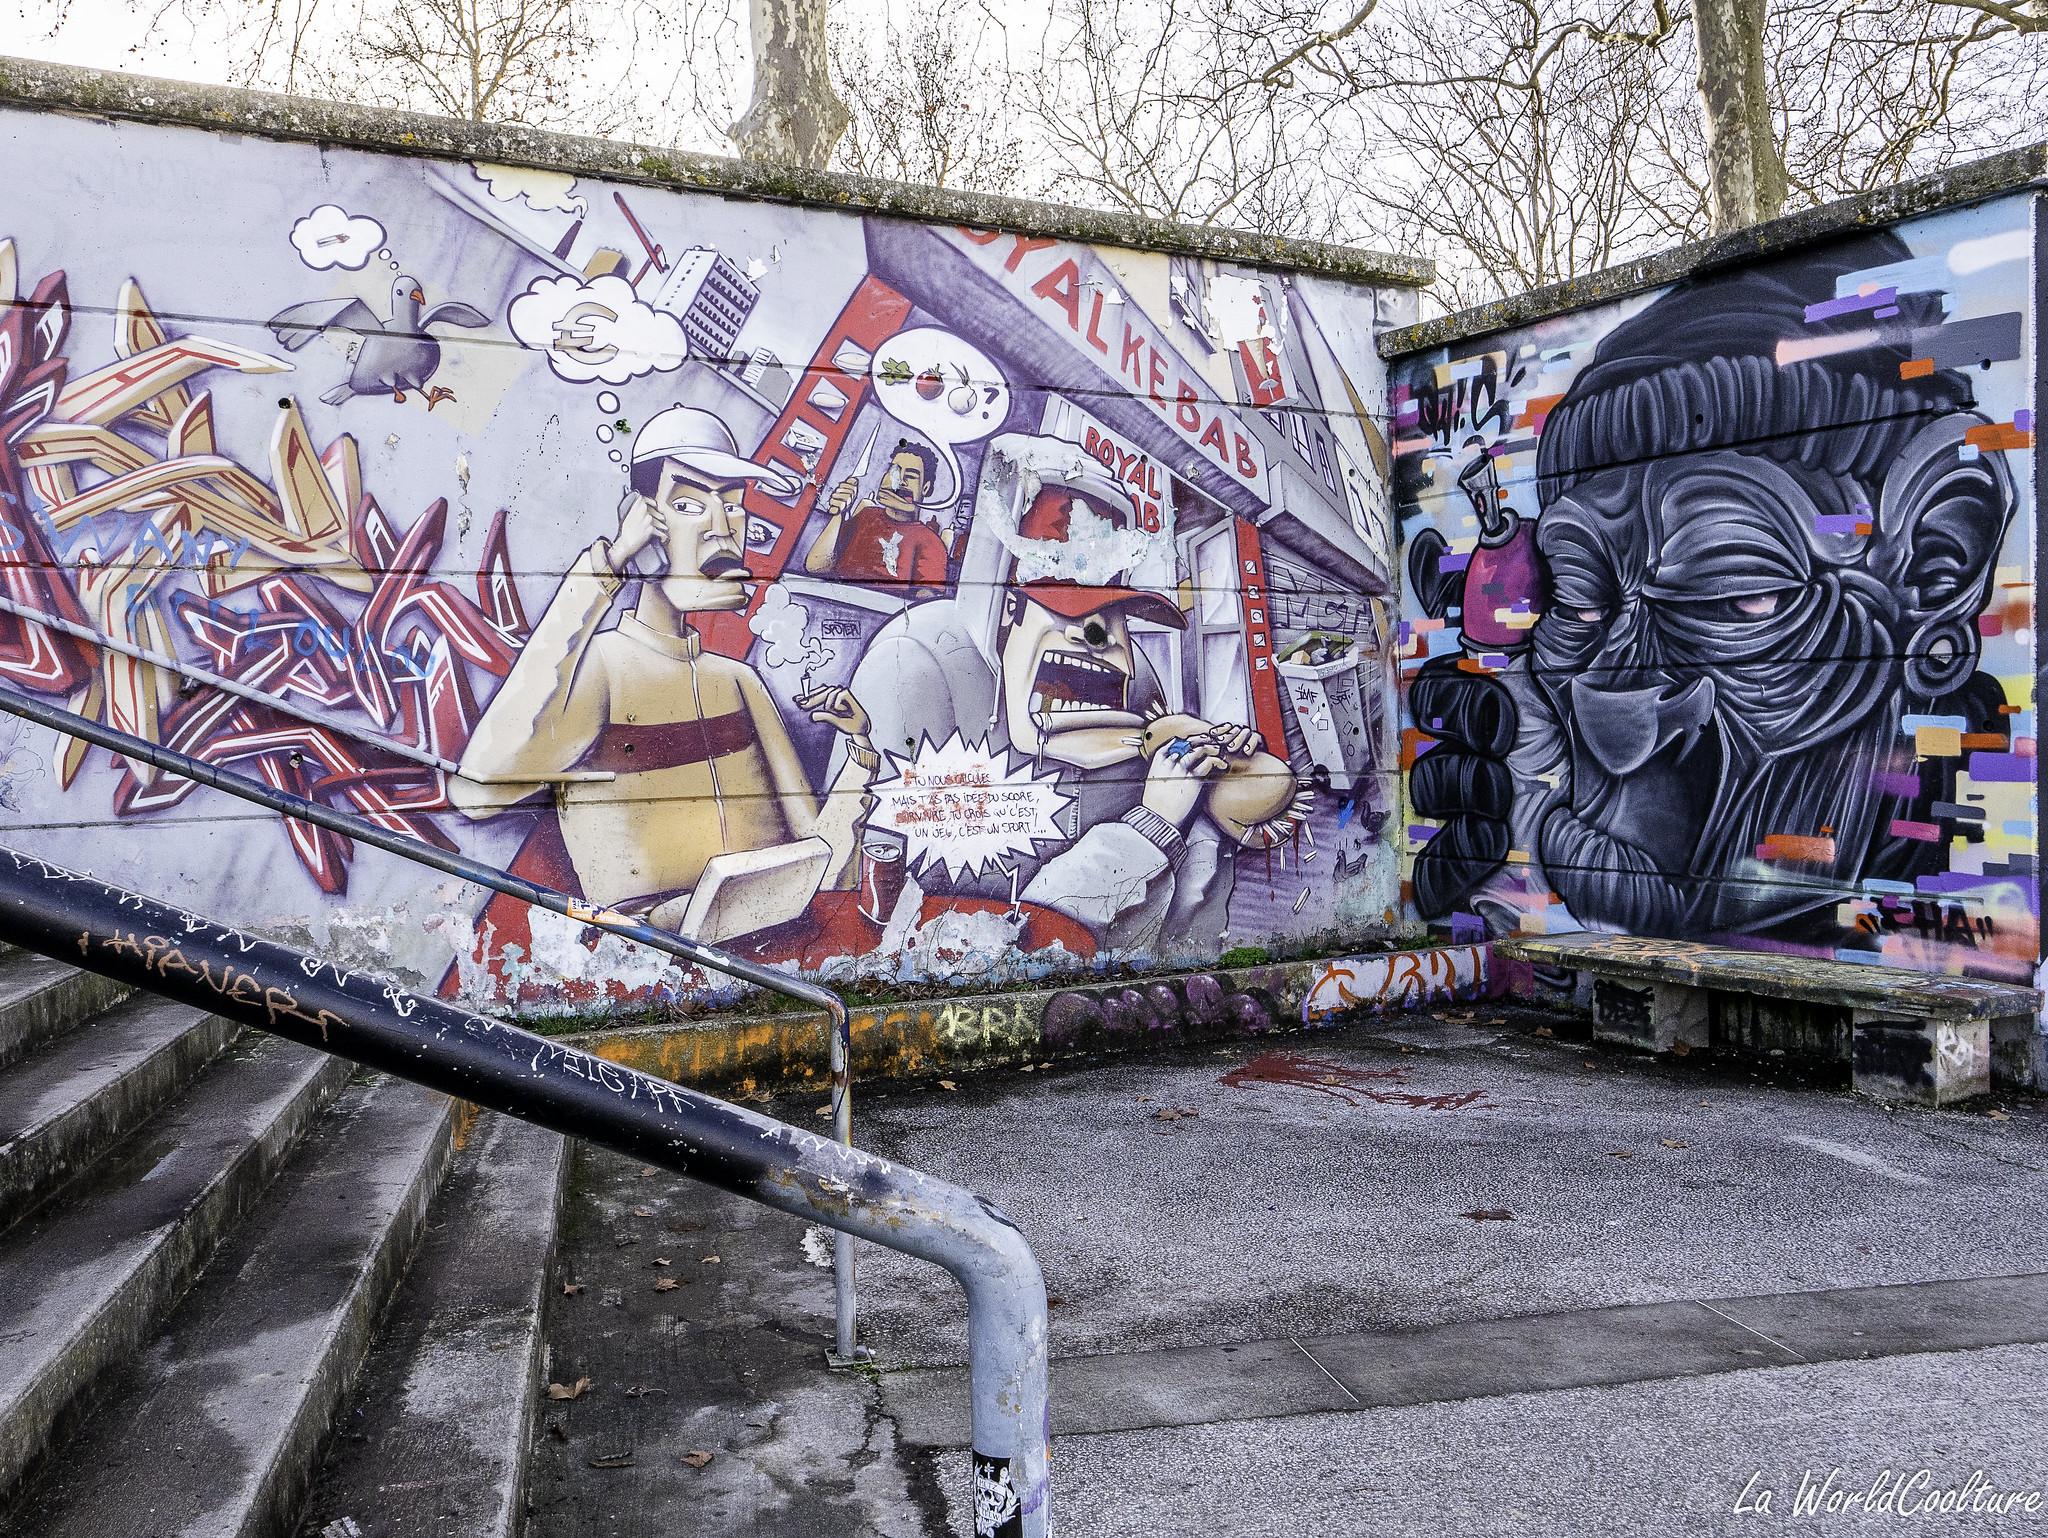 Street-art à Ramonville près de Toulouse